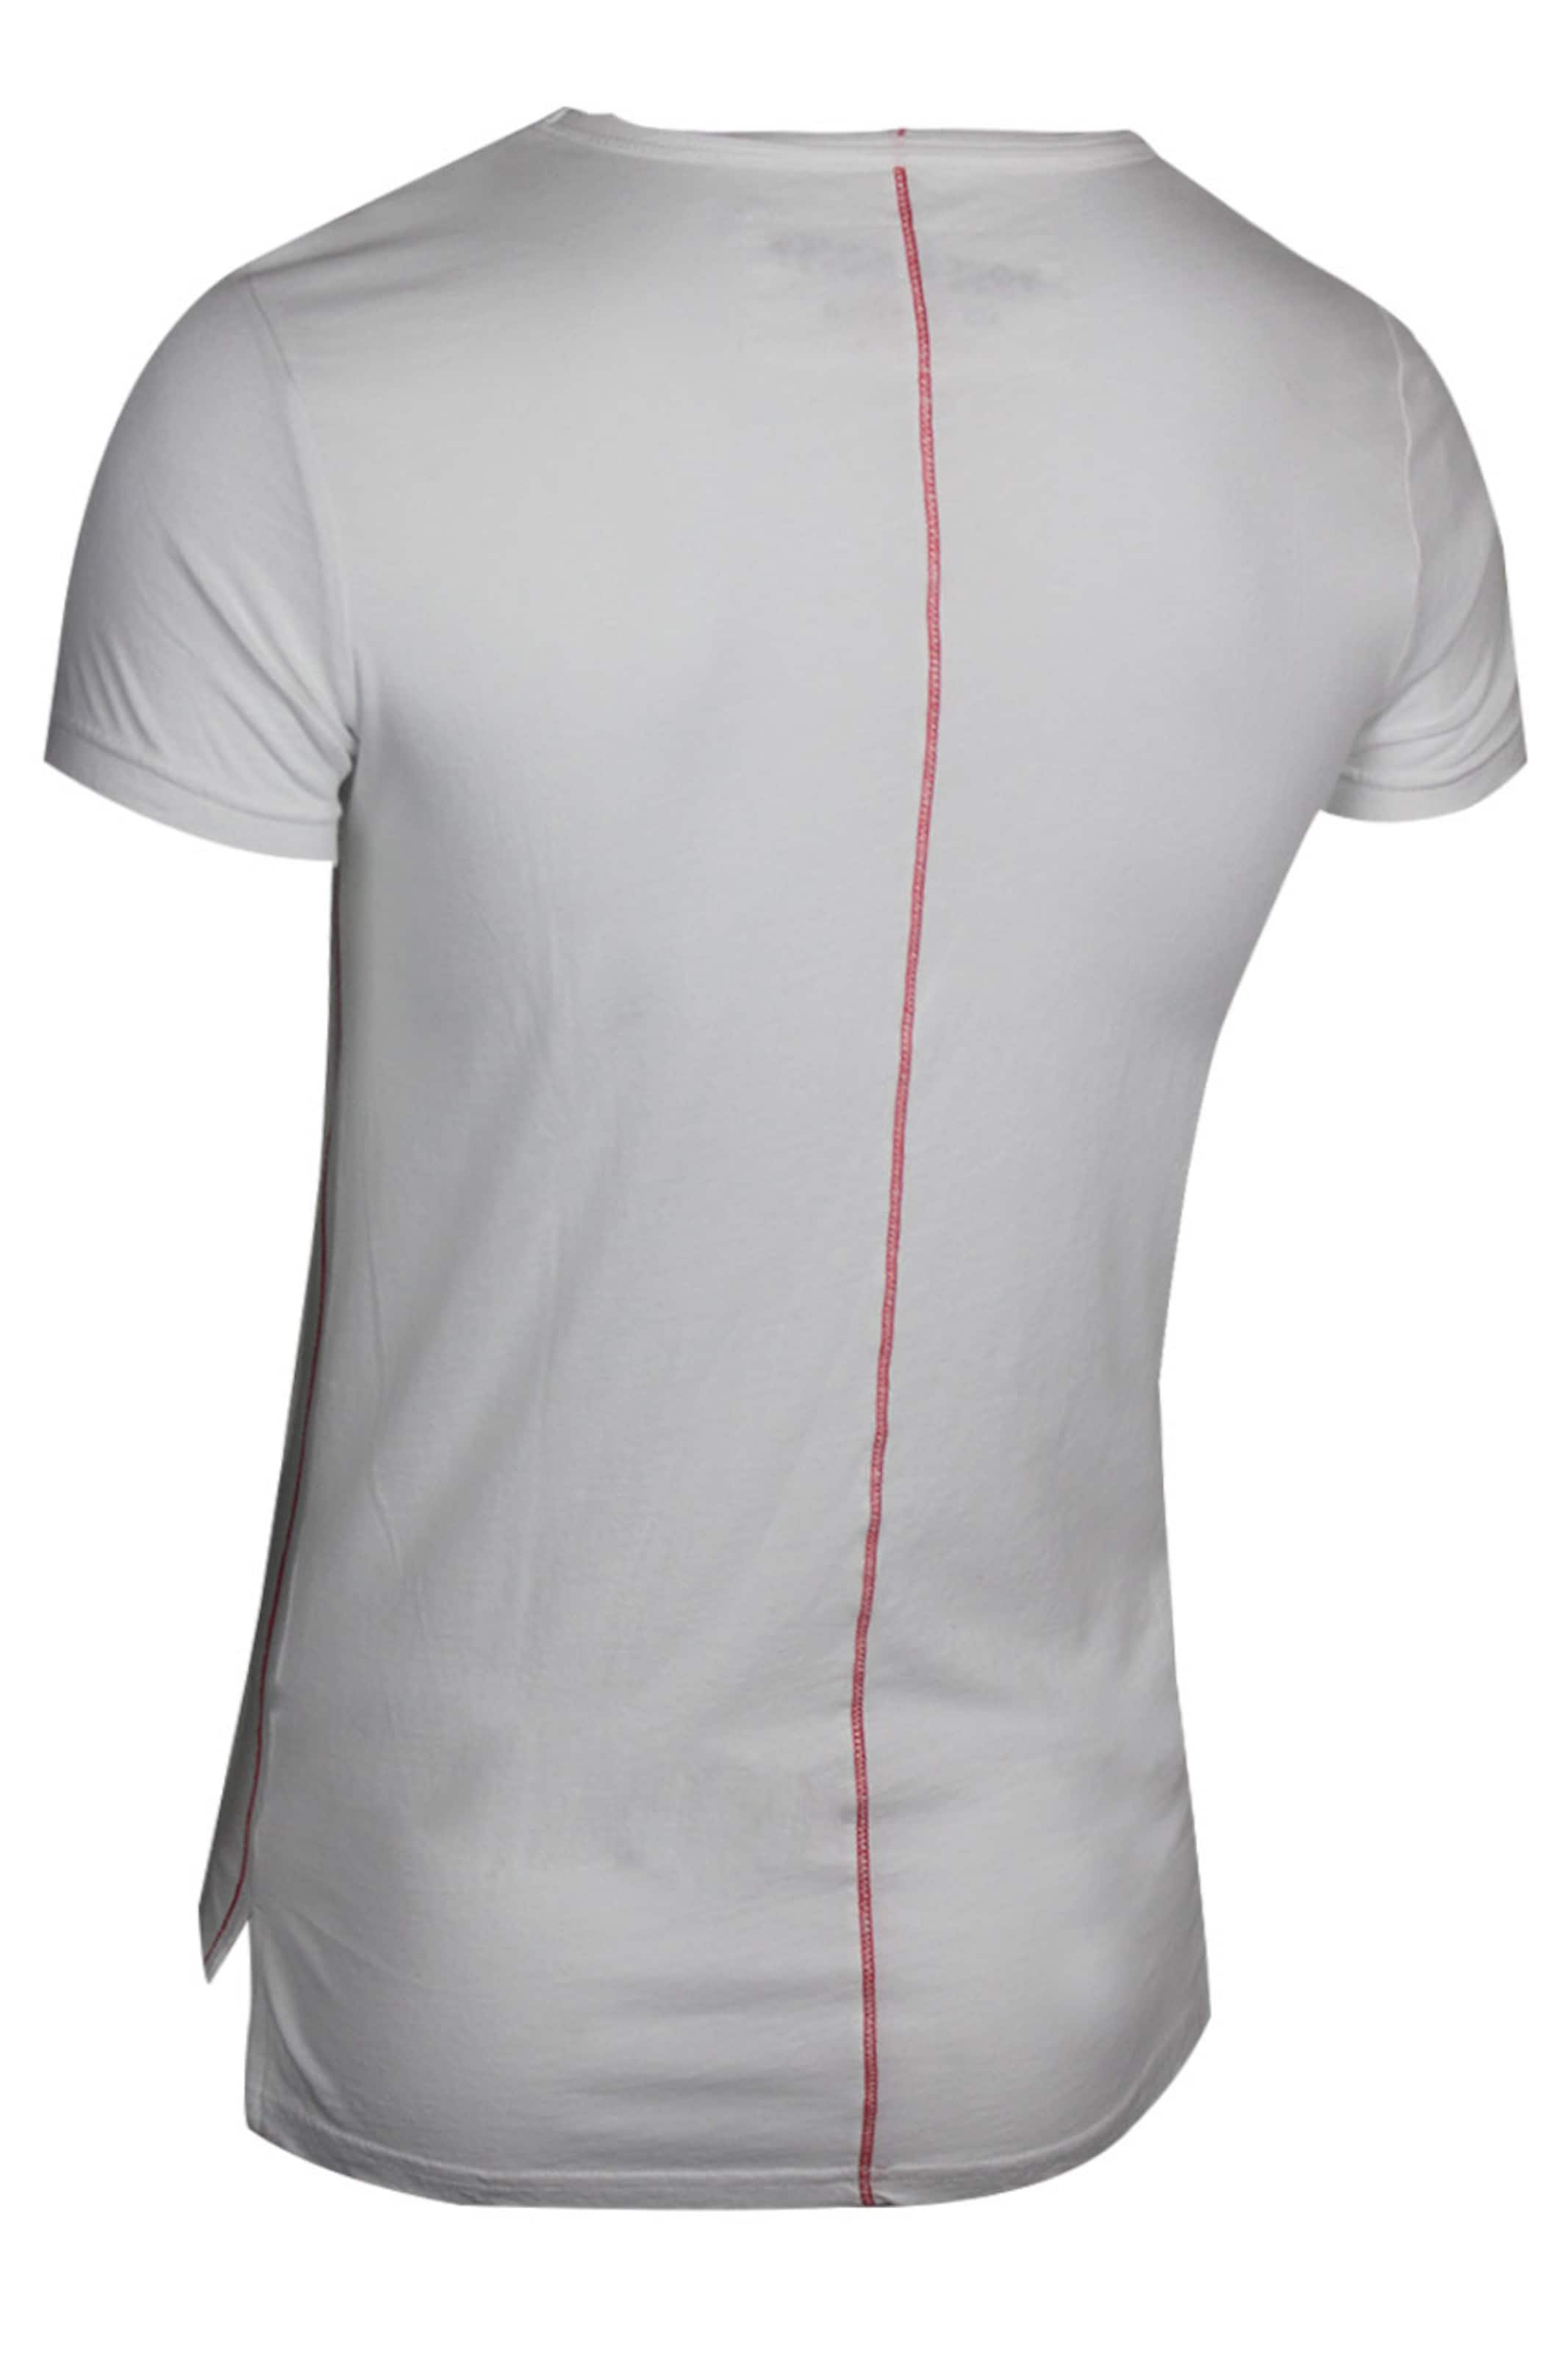 In Shirt RoodZwart Trueprodigy Shirt RoodZwart Trueprodigy Wit Trueprodigy In Wit In Shirt kXPTZiOu